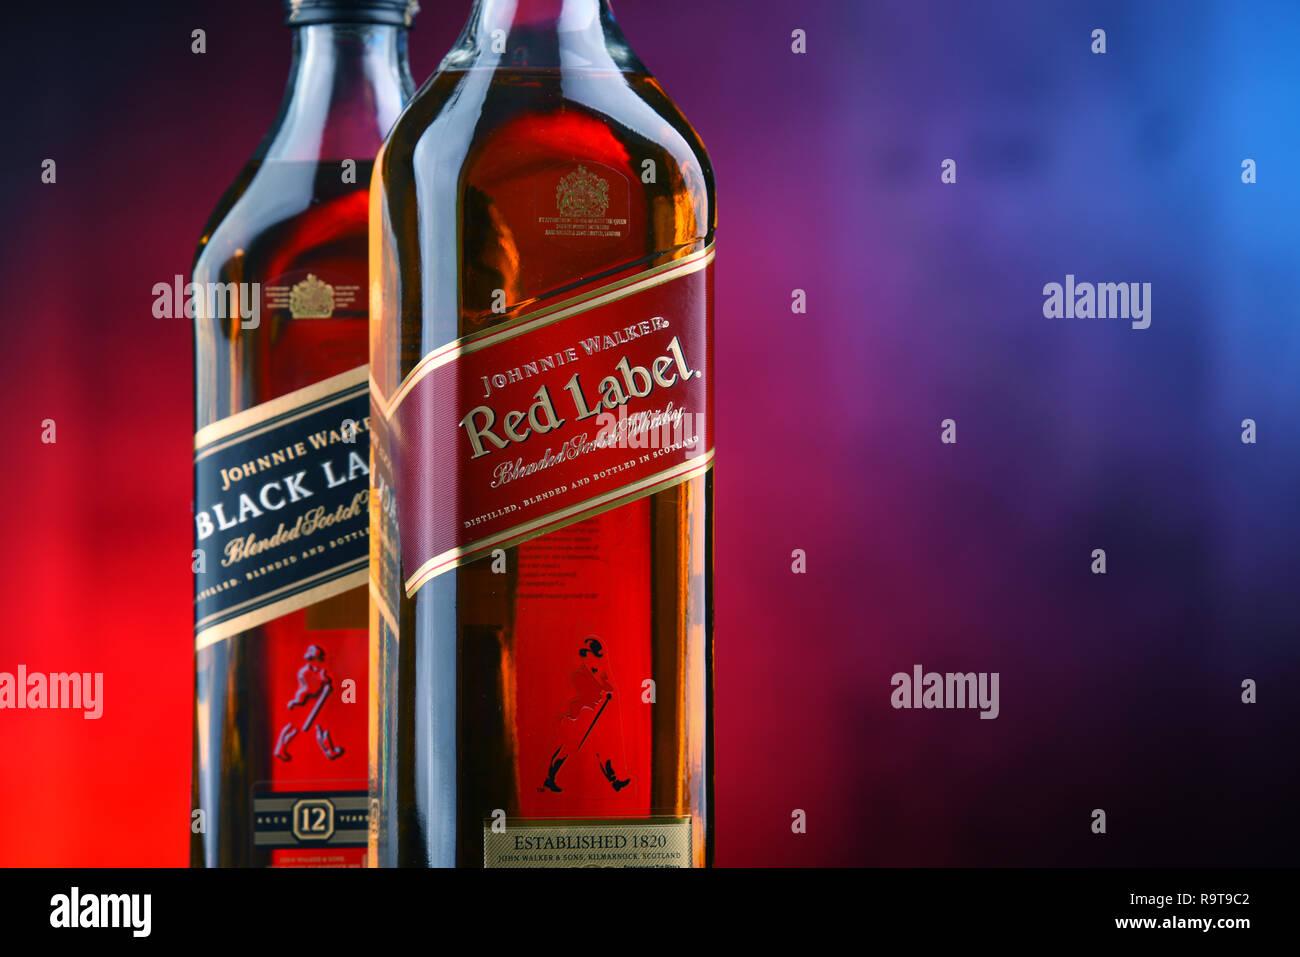 Johnnie Walker Red Label Stock Photos & Johnnie Walker Red